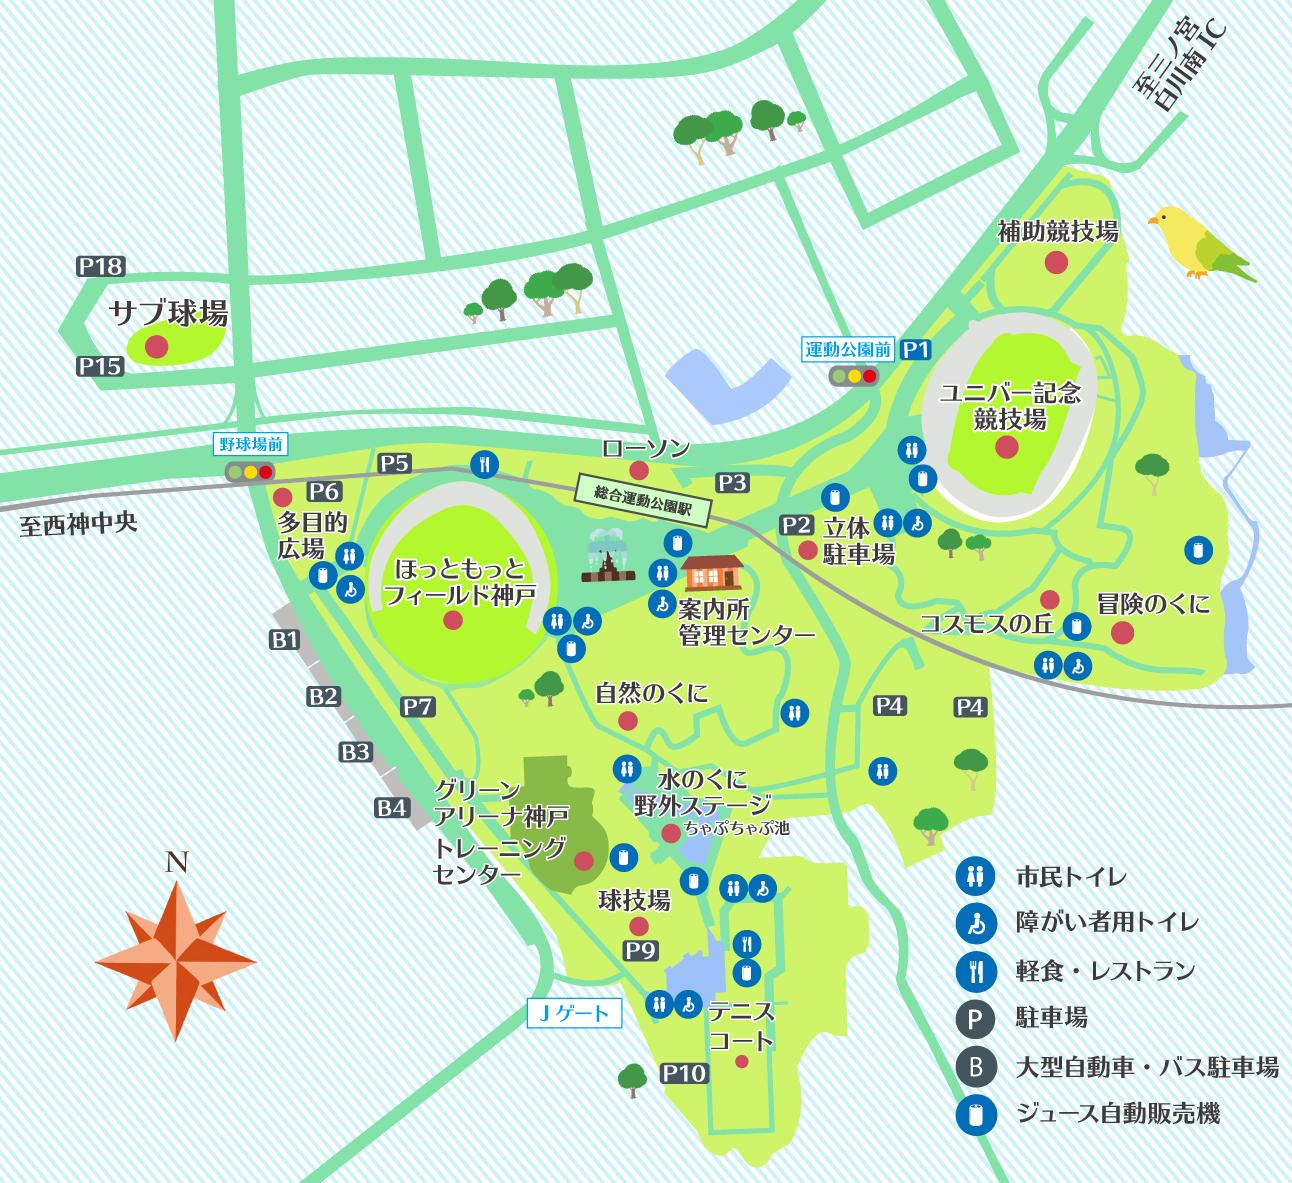 神戸総合運動公園 -KOBE SPORTS ...